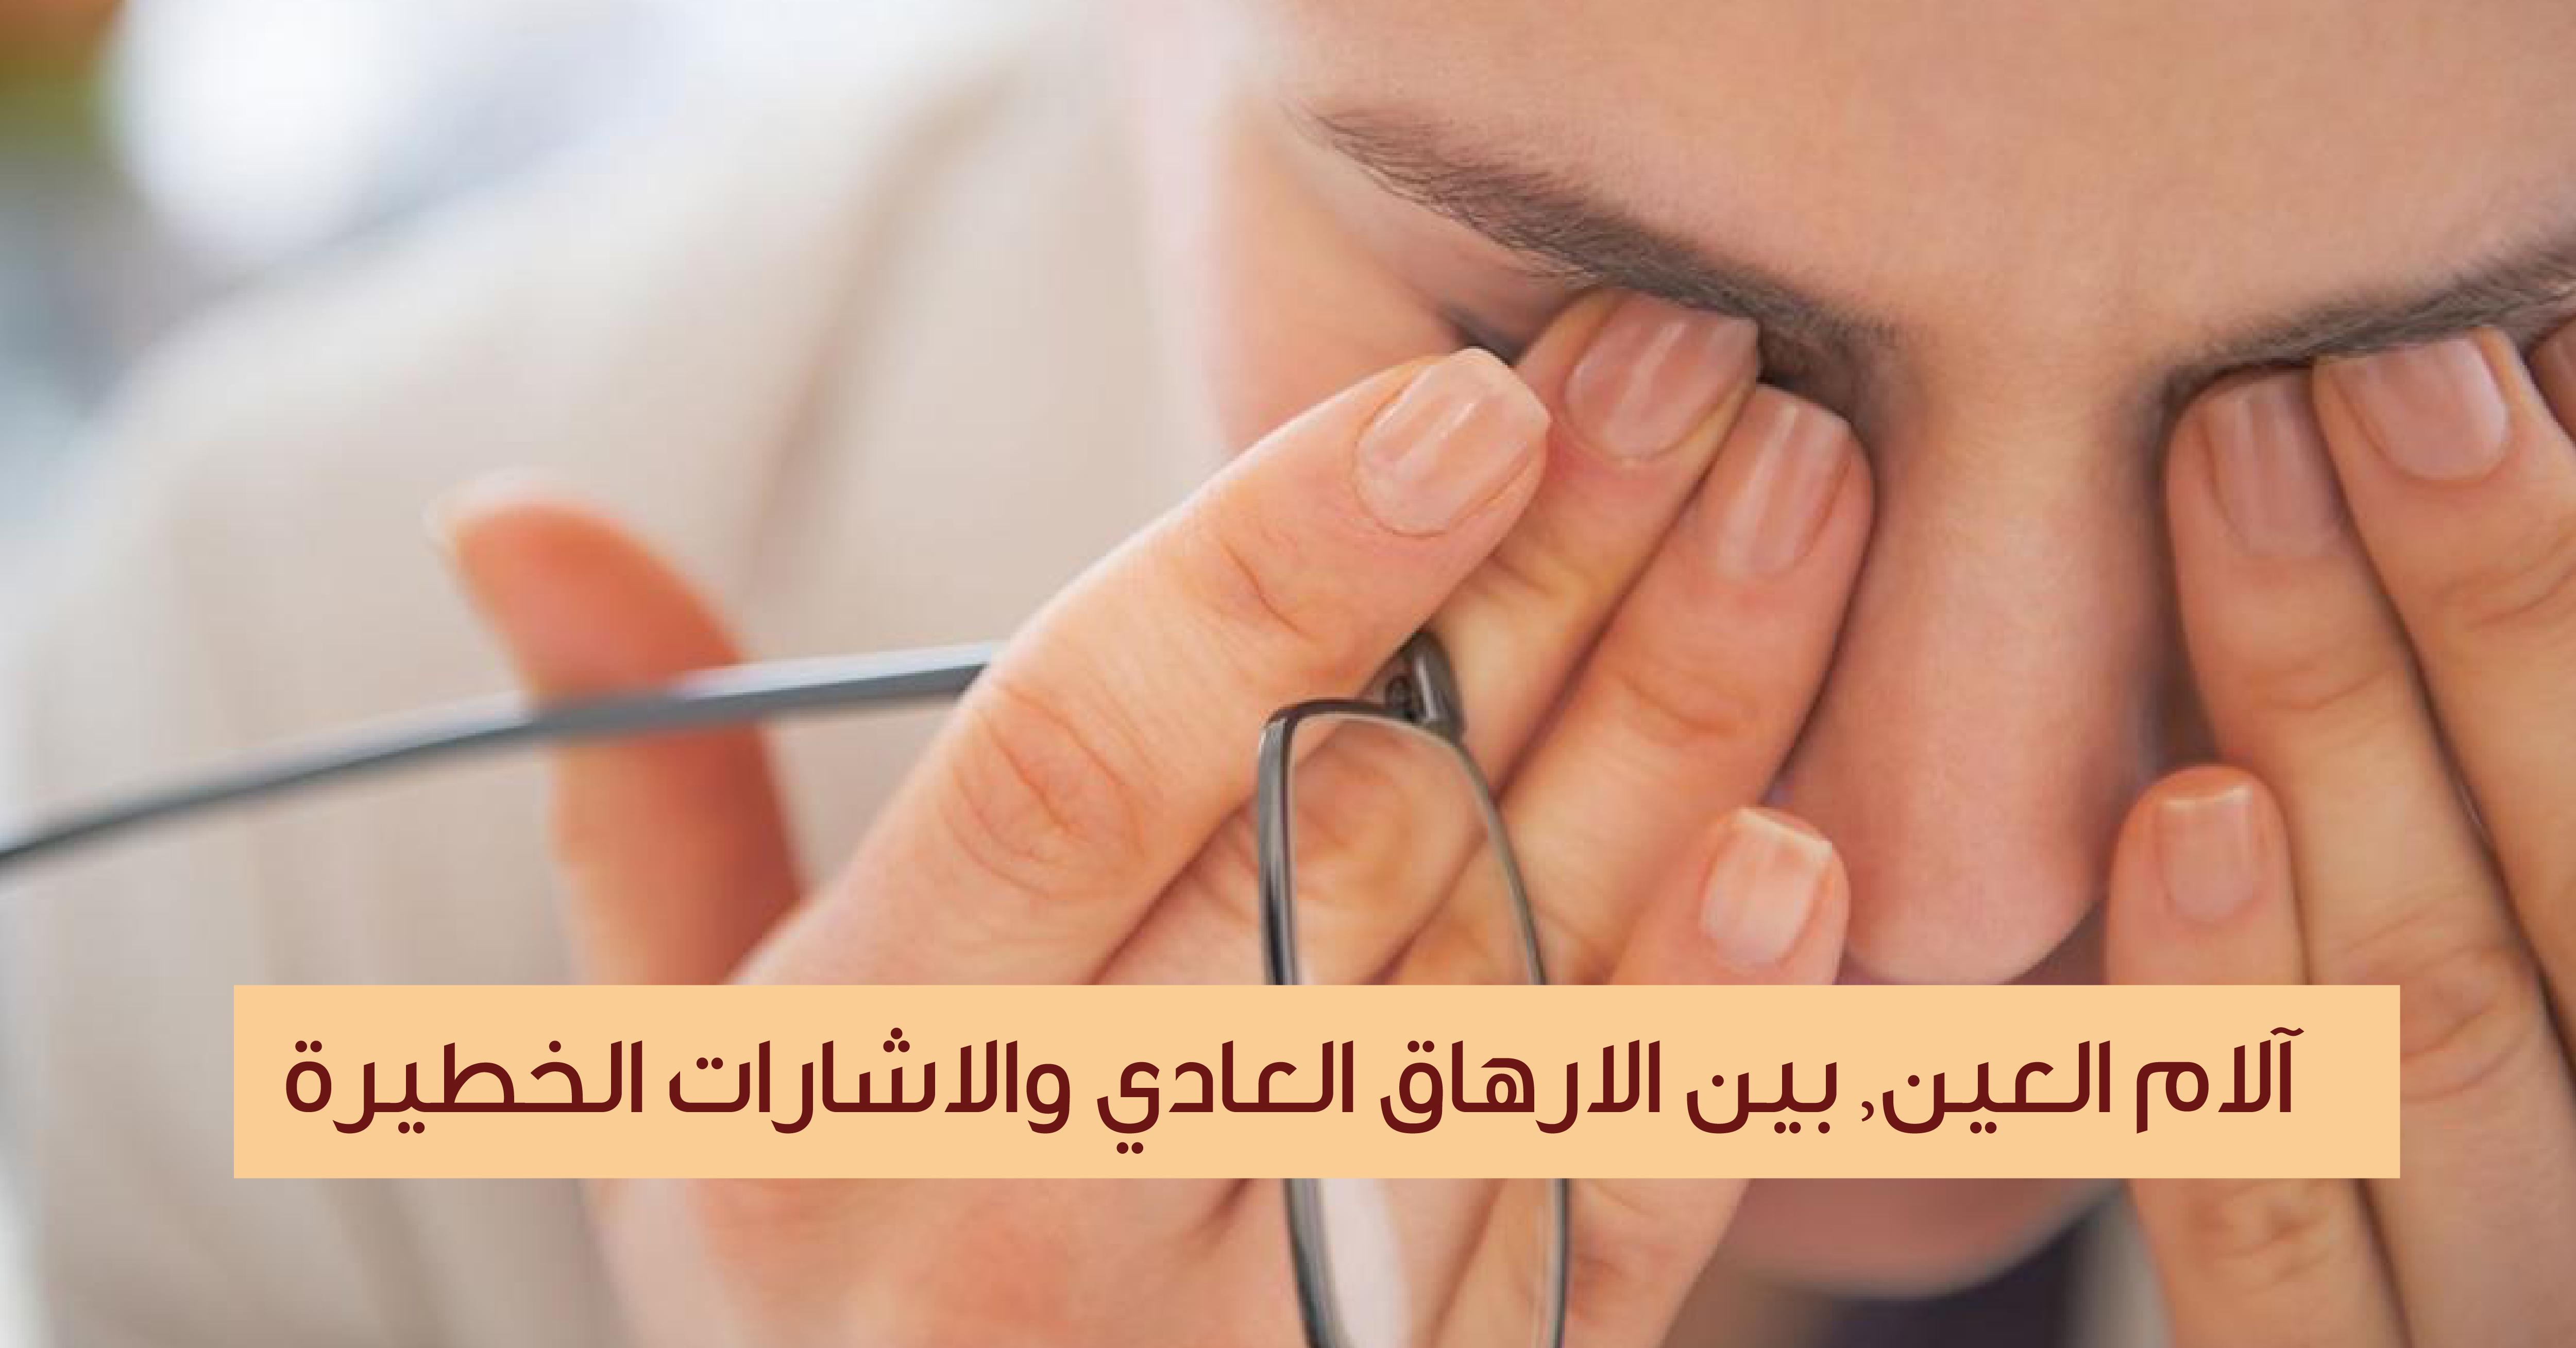 مكتبة هزم سماكة علاج الم العين من الداخل Virelaine Org